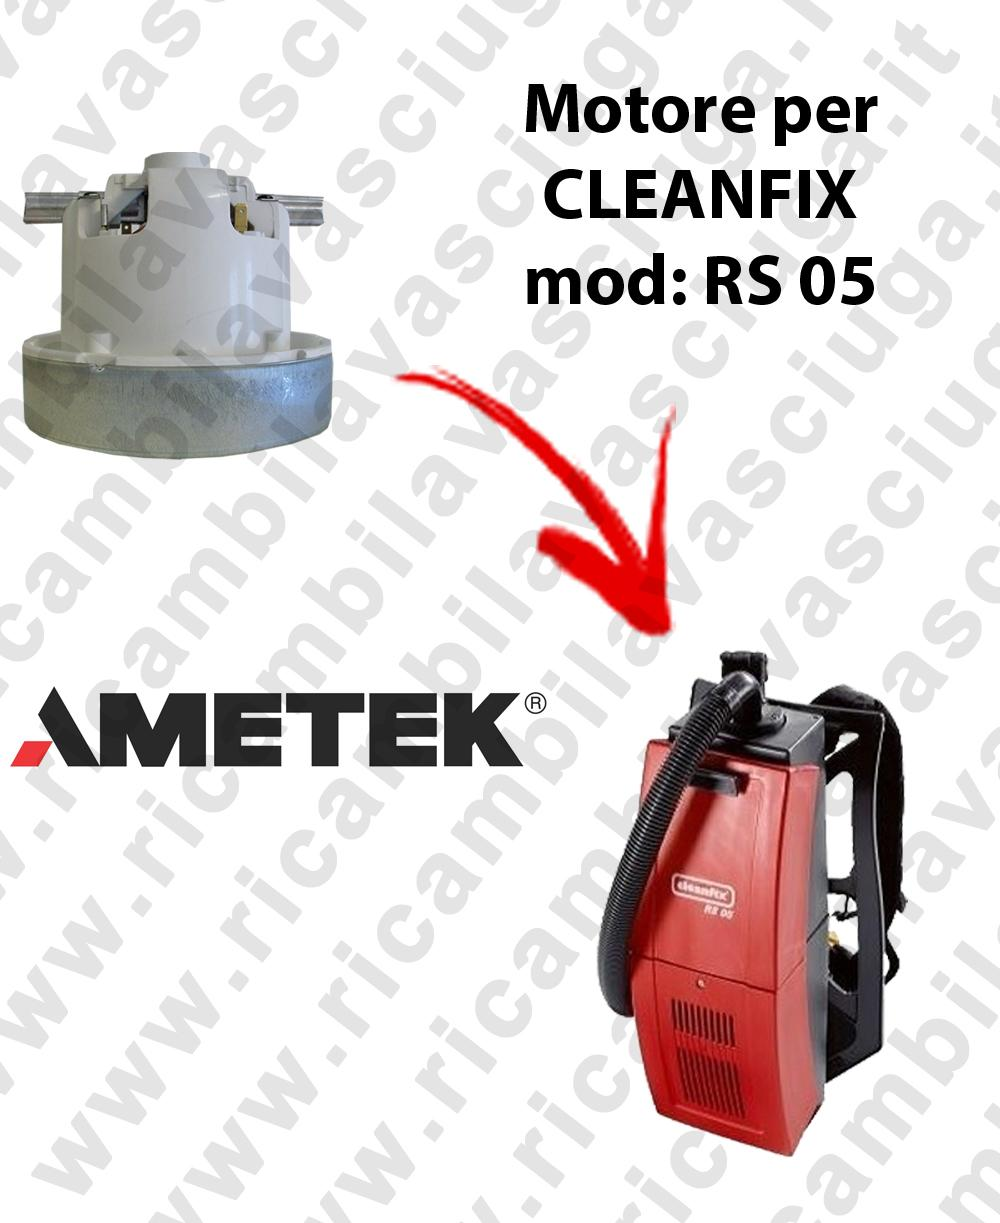 RS 05 MOTORE AMETEK aspirazione per aspirapolvere CLEANFIX